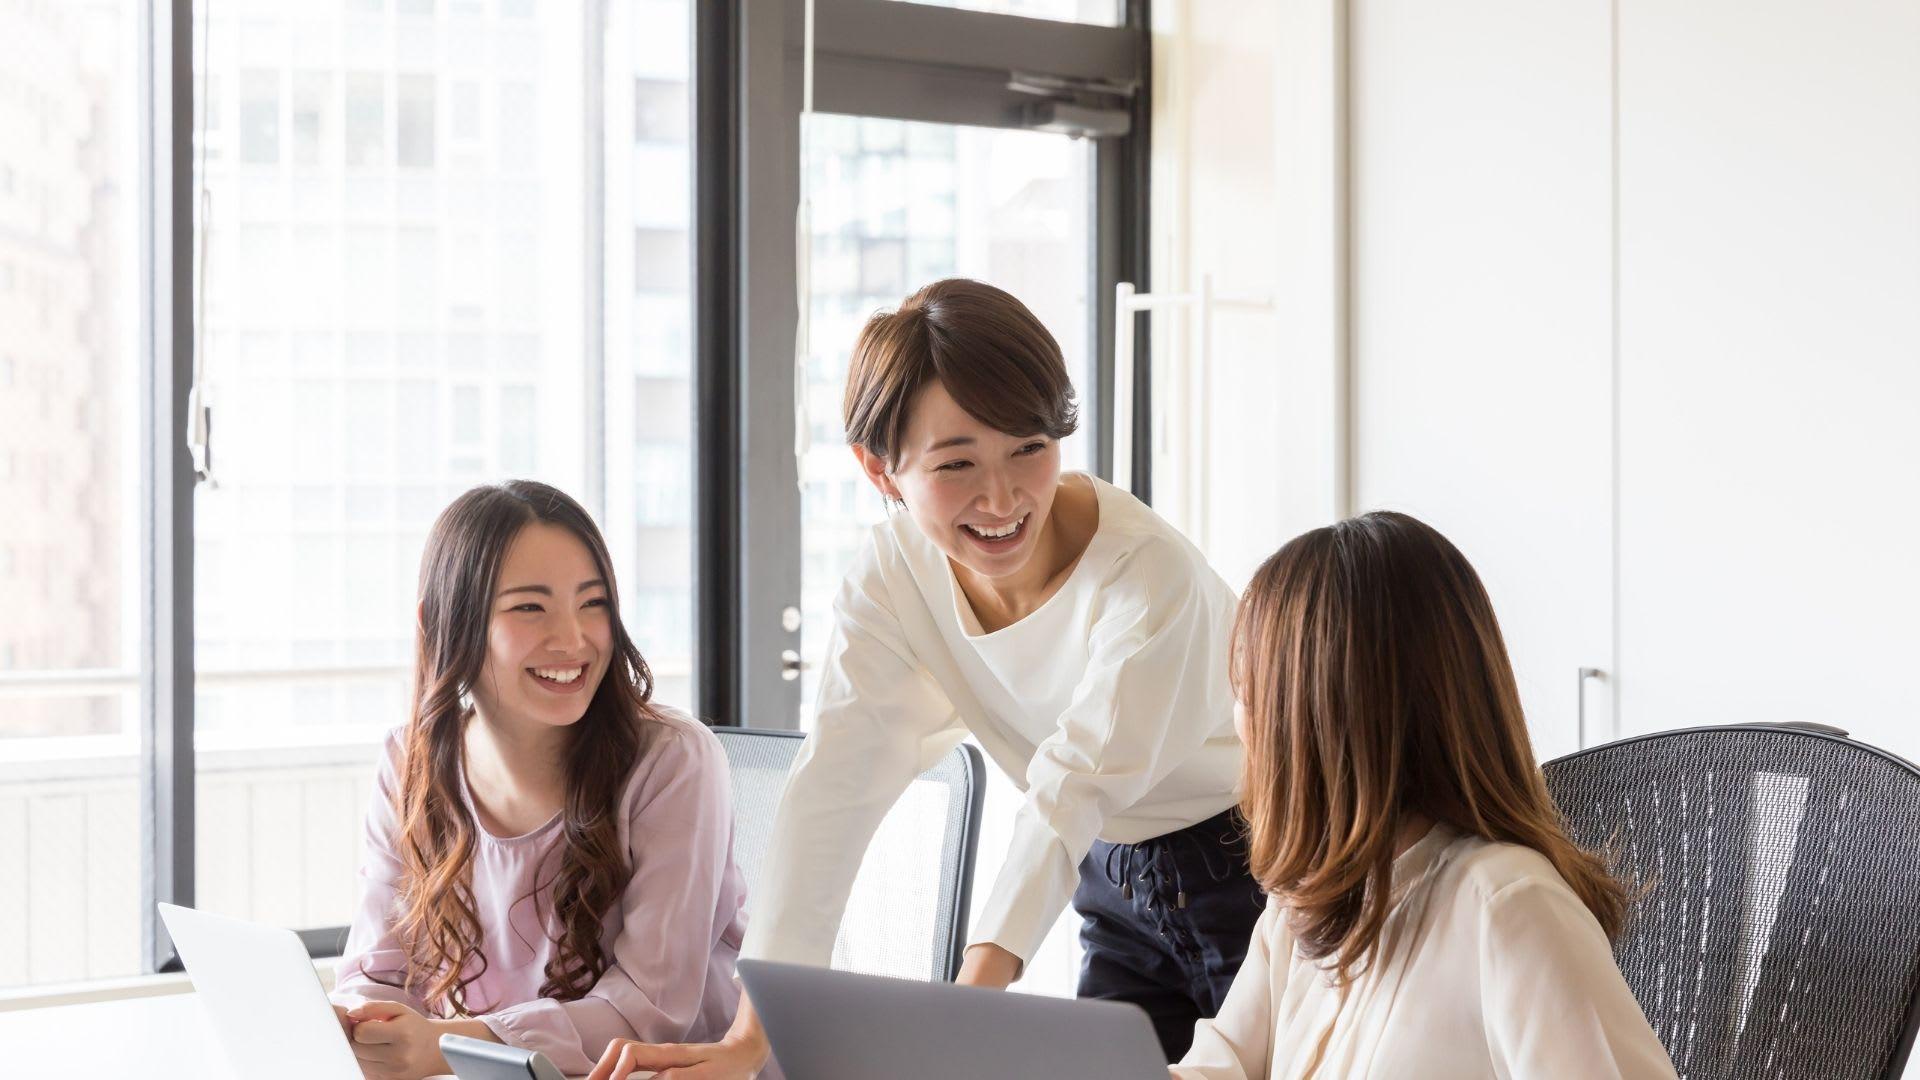 women talking by computer